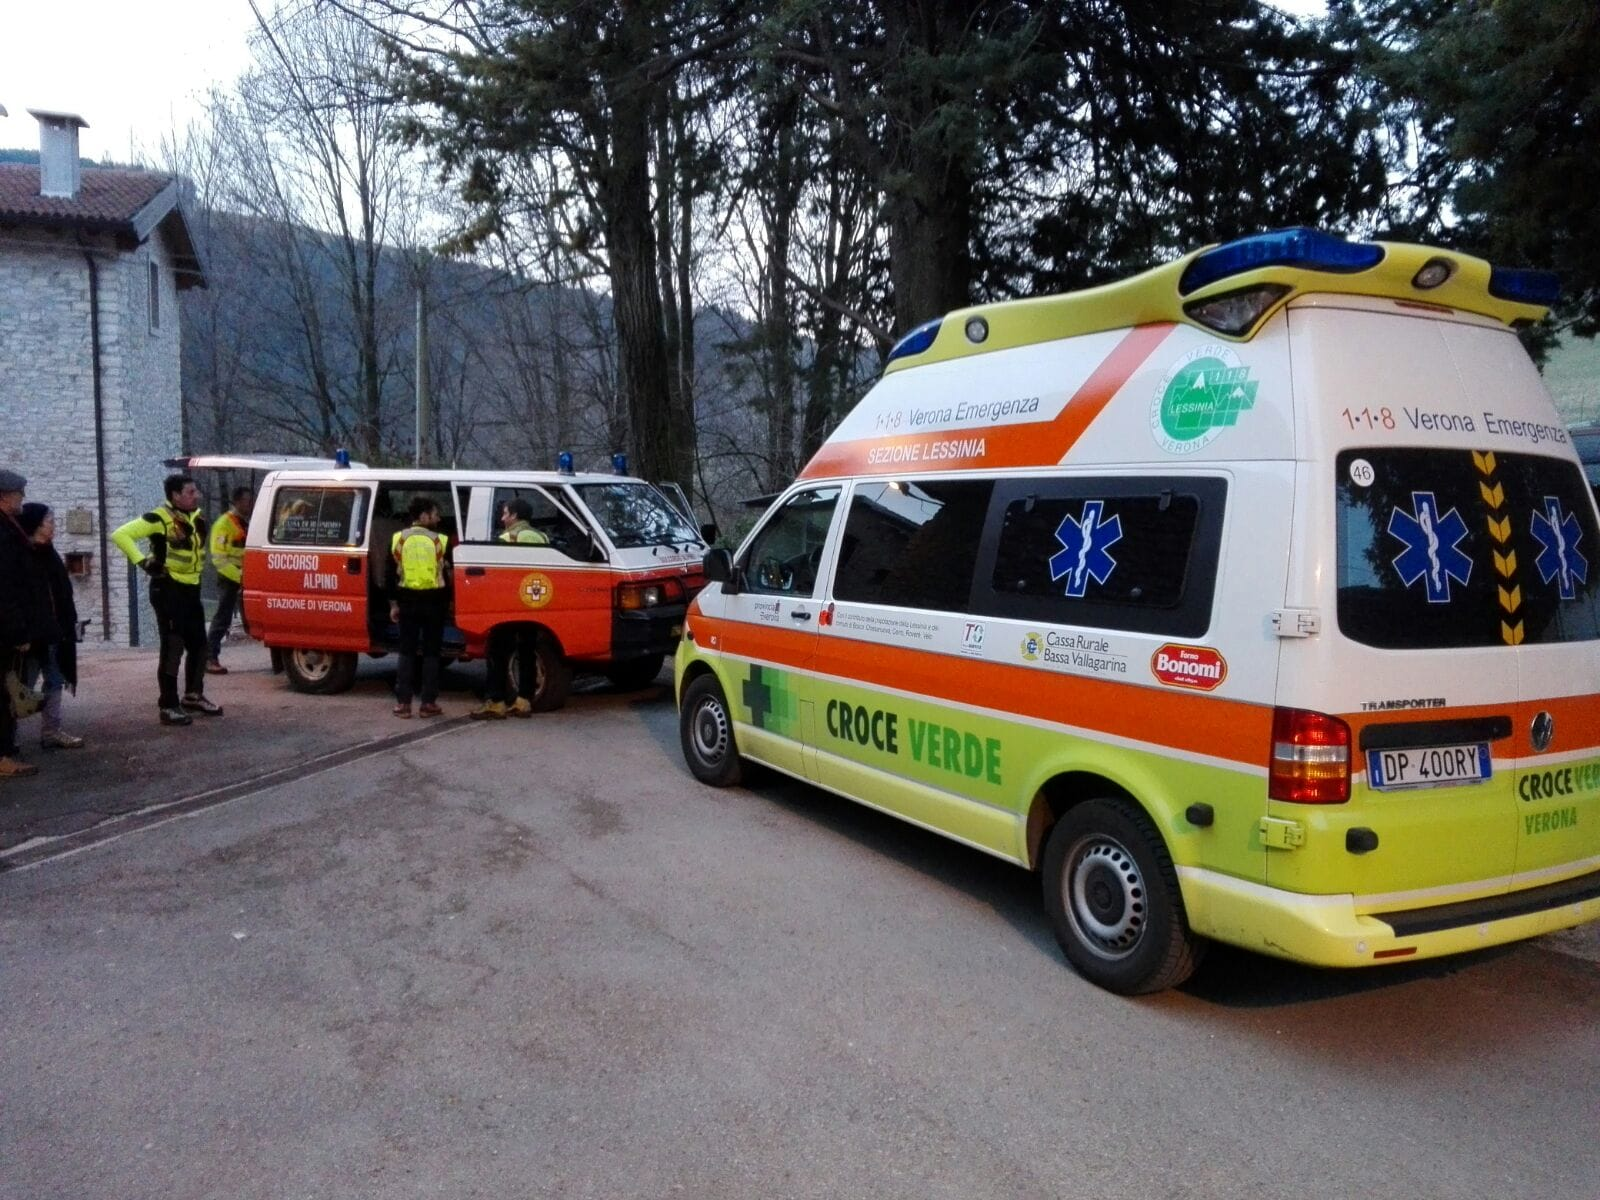 soccorso-alpino-ambulanza-118-2